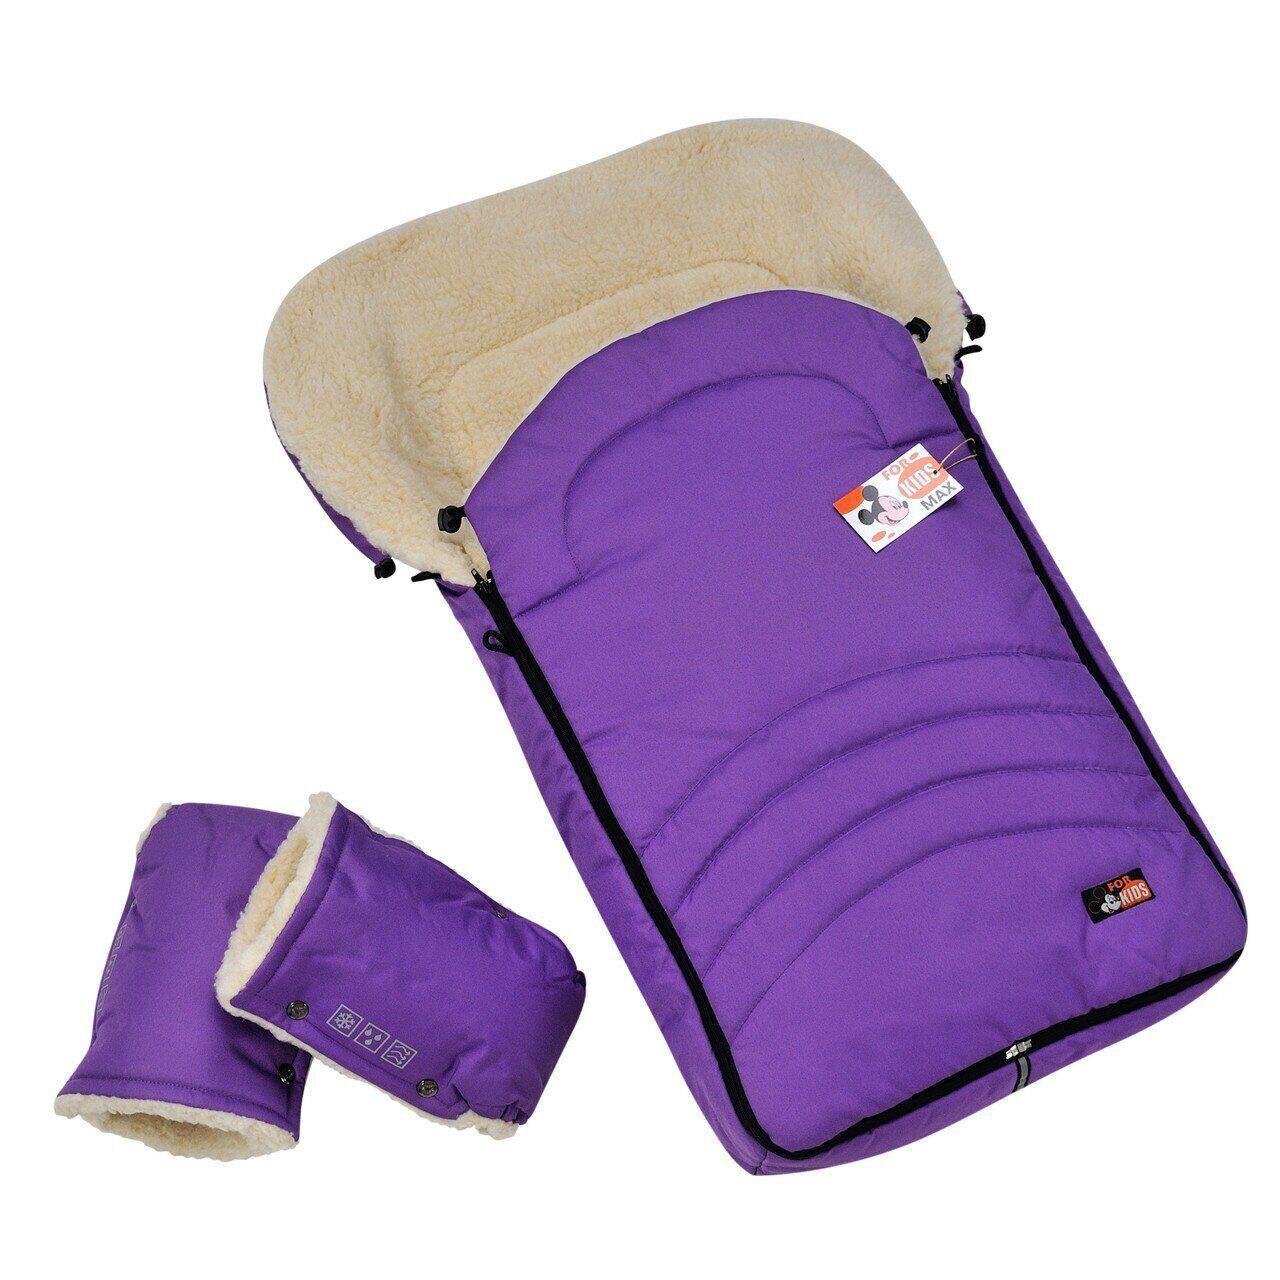 """Детский конверт на овчине 70/30 с рукавичками и бахилами """"For kids"""" Maxi фиолетовый"""